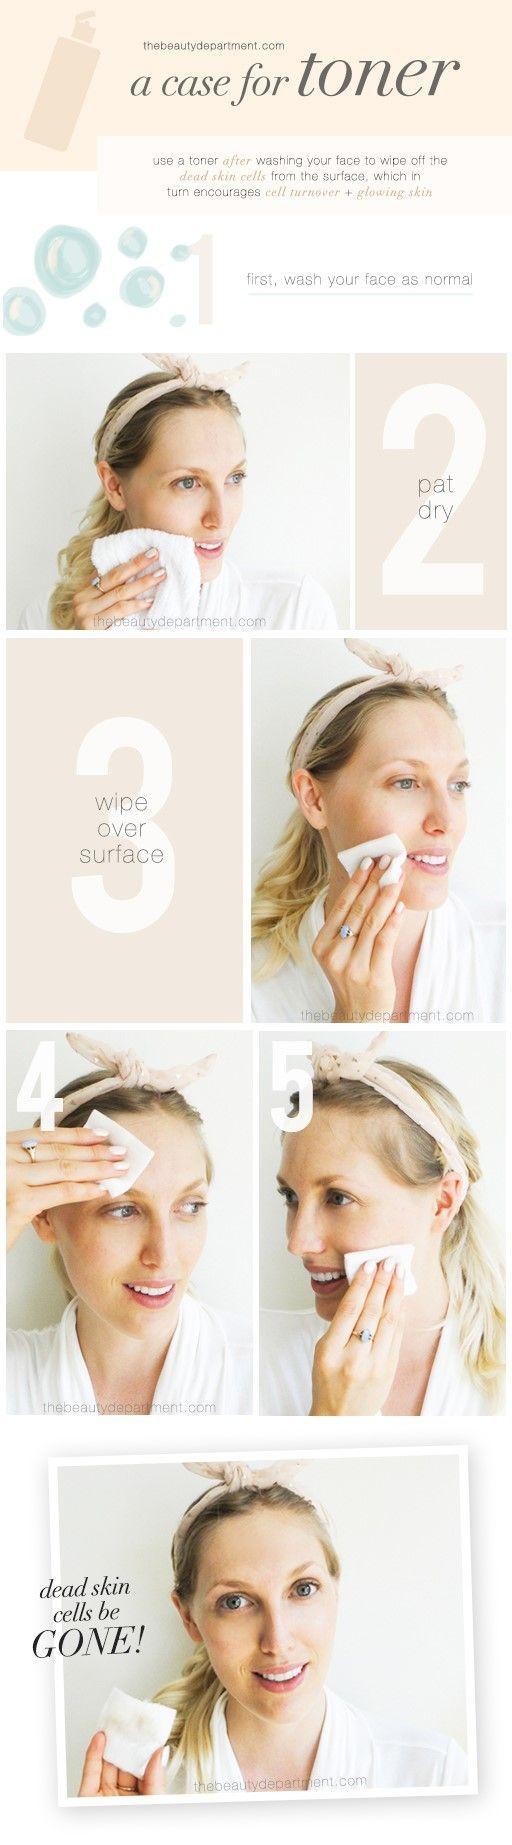 Best about face ideas on pinterest beauty tips beauty hacks